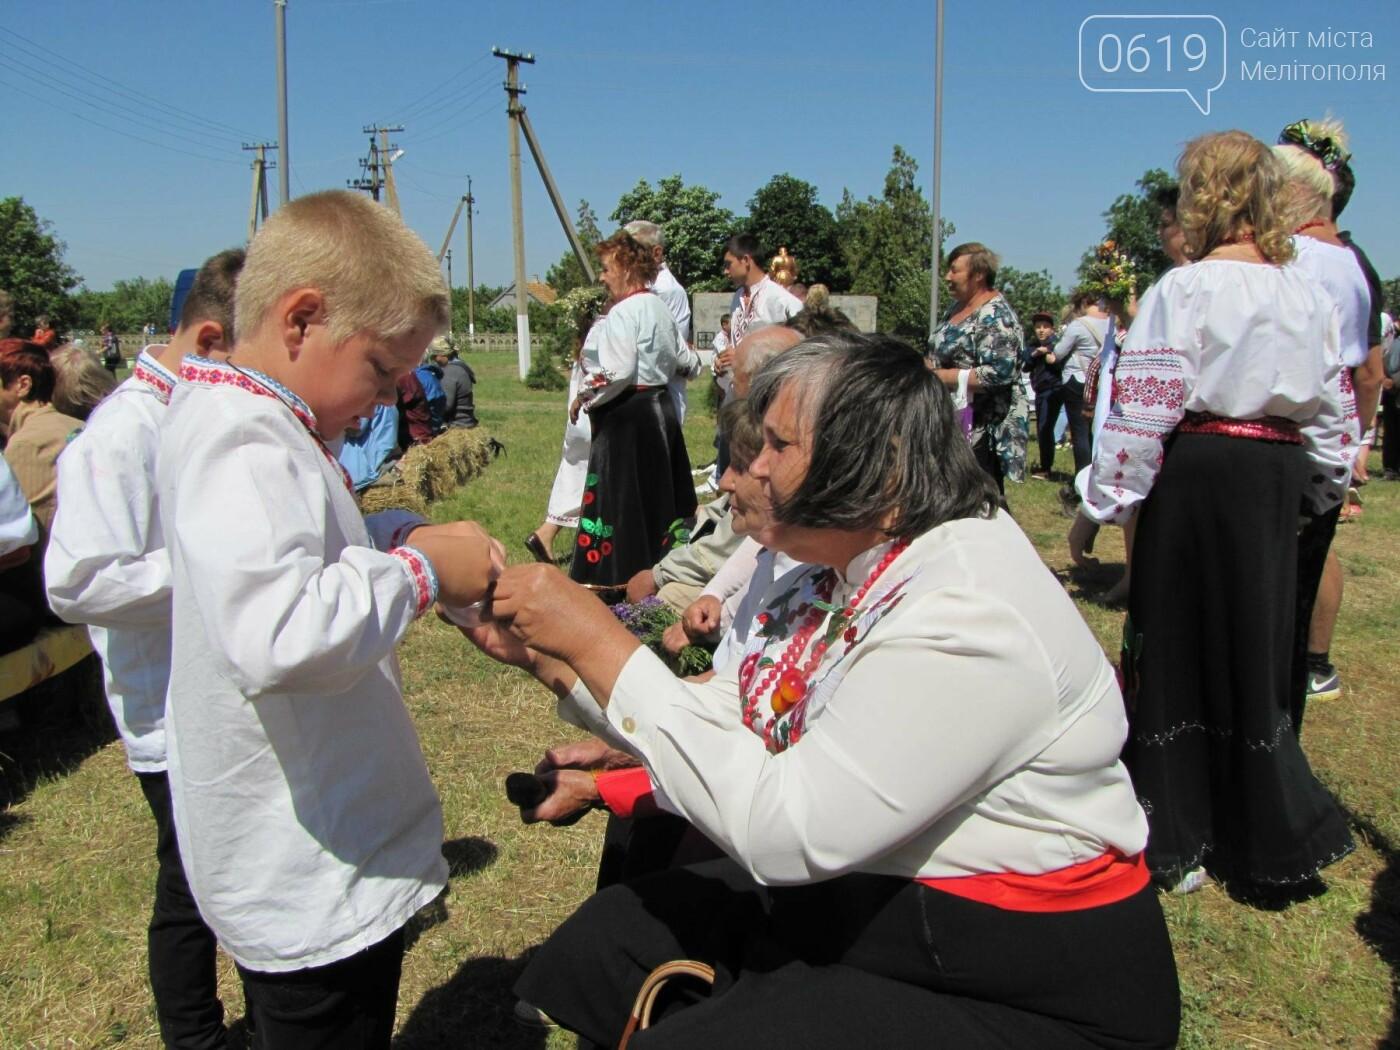 Жители Мелитопольщины отпраздновали Троицу, фото-16